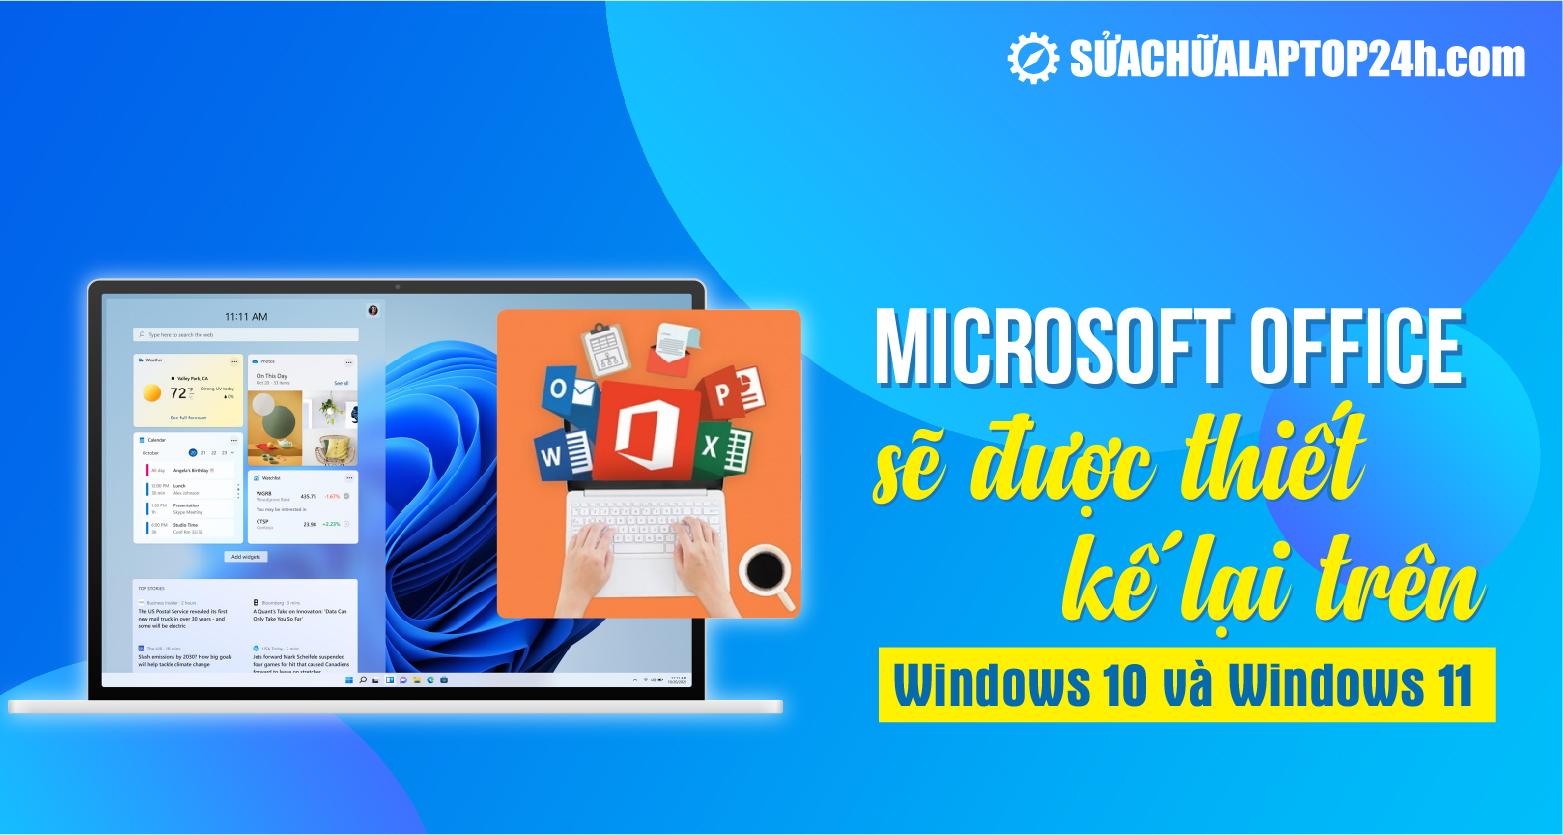 Microsoft Office sẽ được thiết kế lại trên Windows 10 và Windows 11